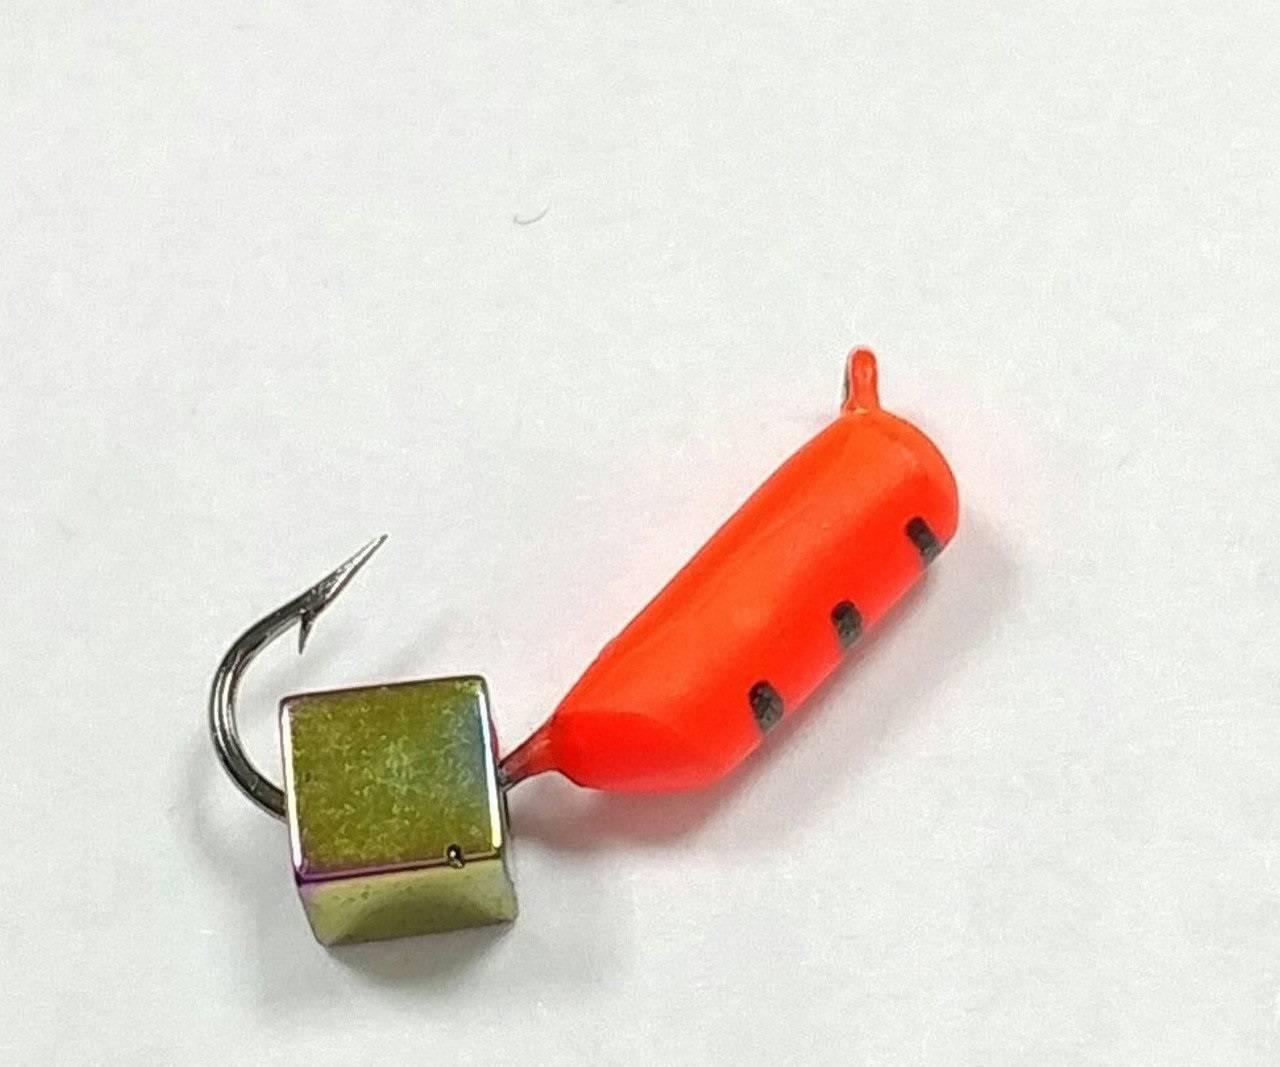 Мормышка гвоздекубик: где и для чего использовать, что можно поймать, как сделать своими руками